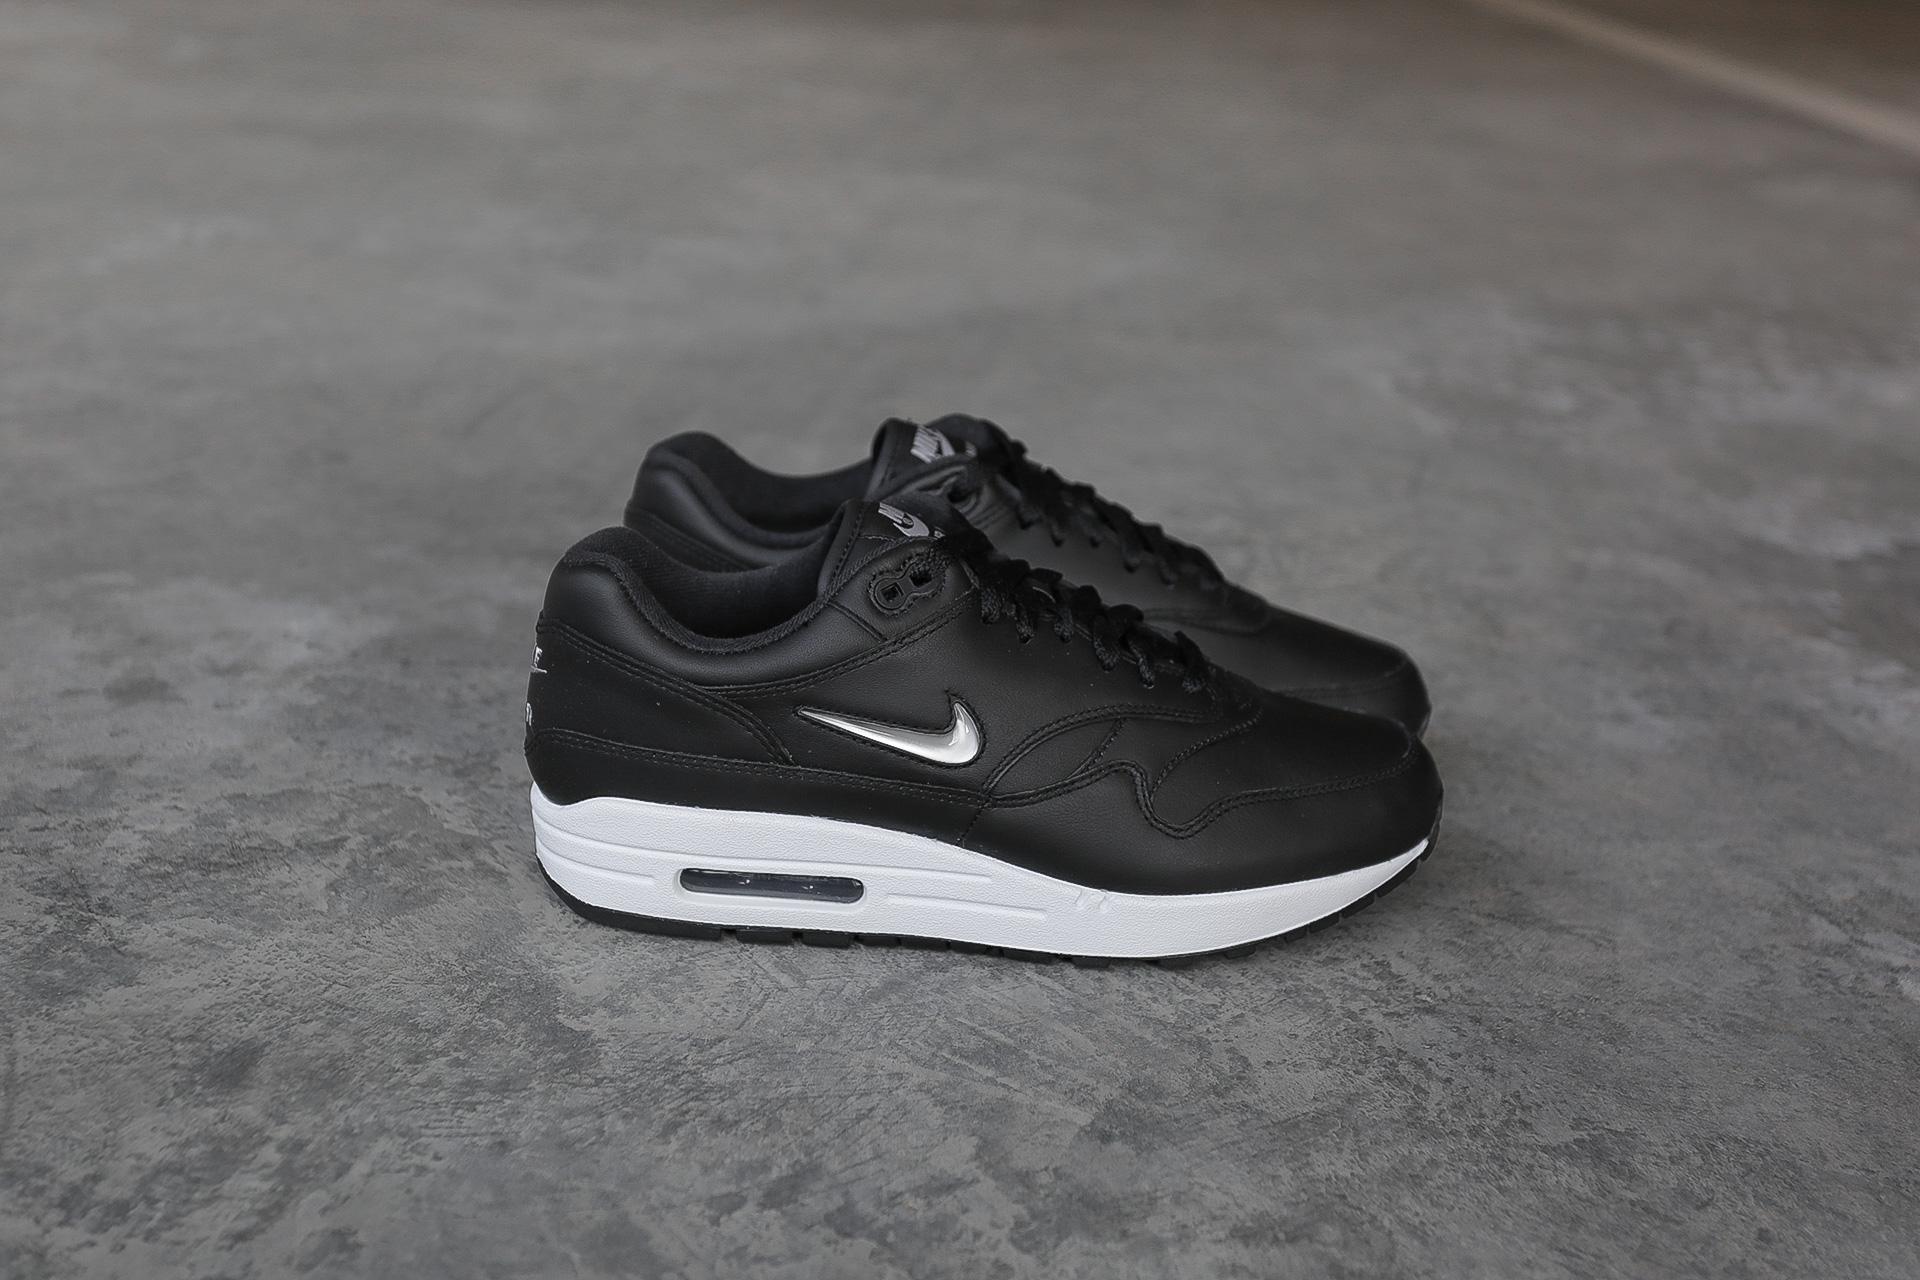 c685f557 Купить черные мужские кроссовки Air Max 1 Premium SC от Nike (918354 ...